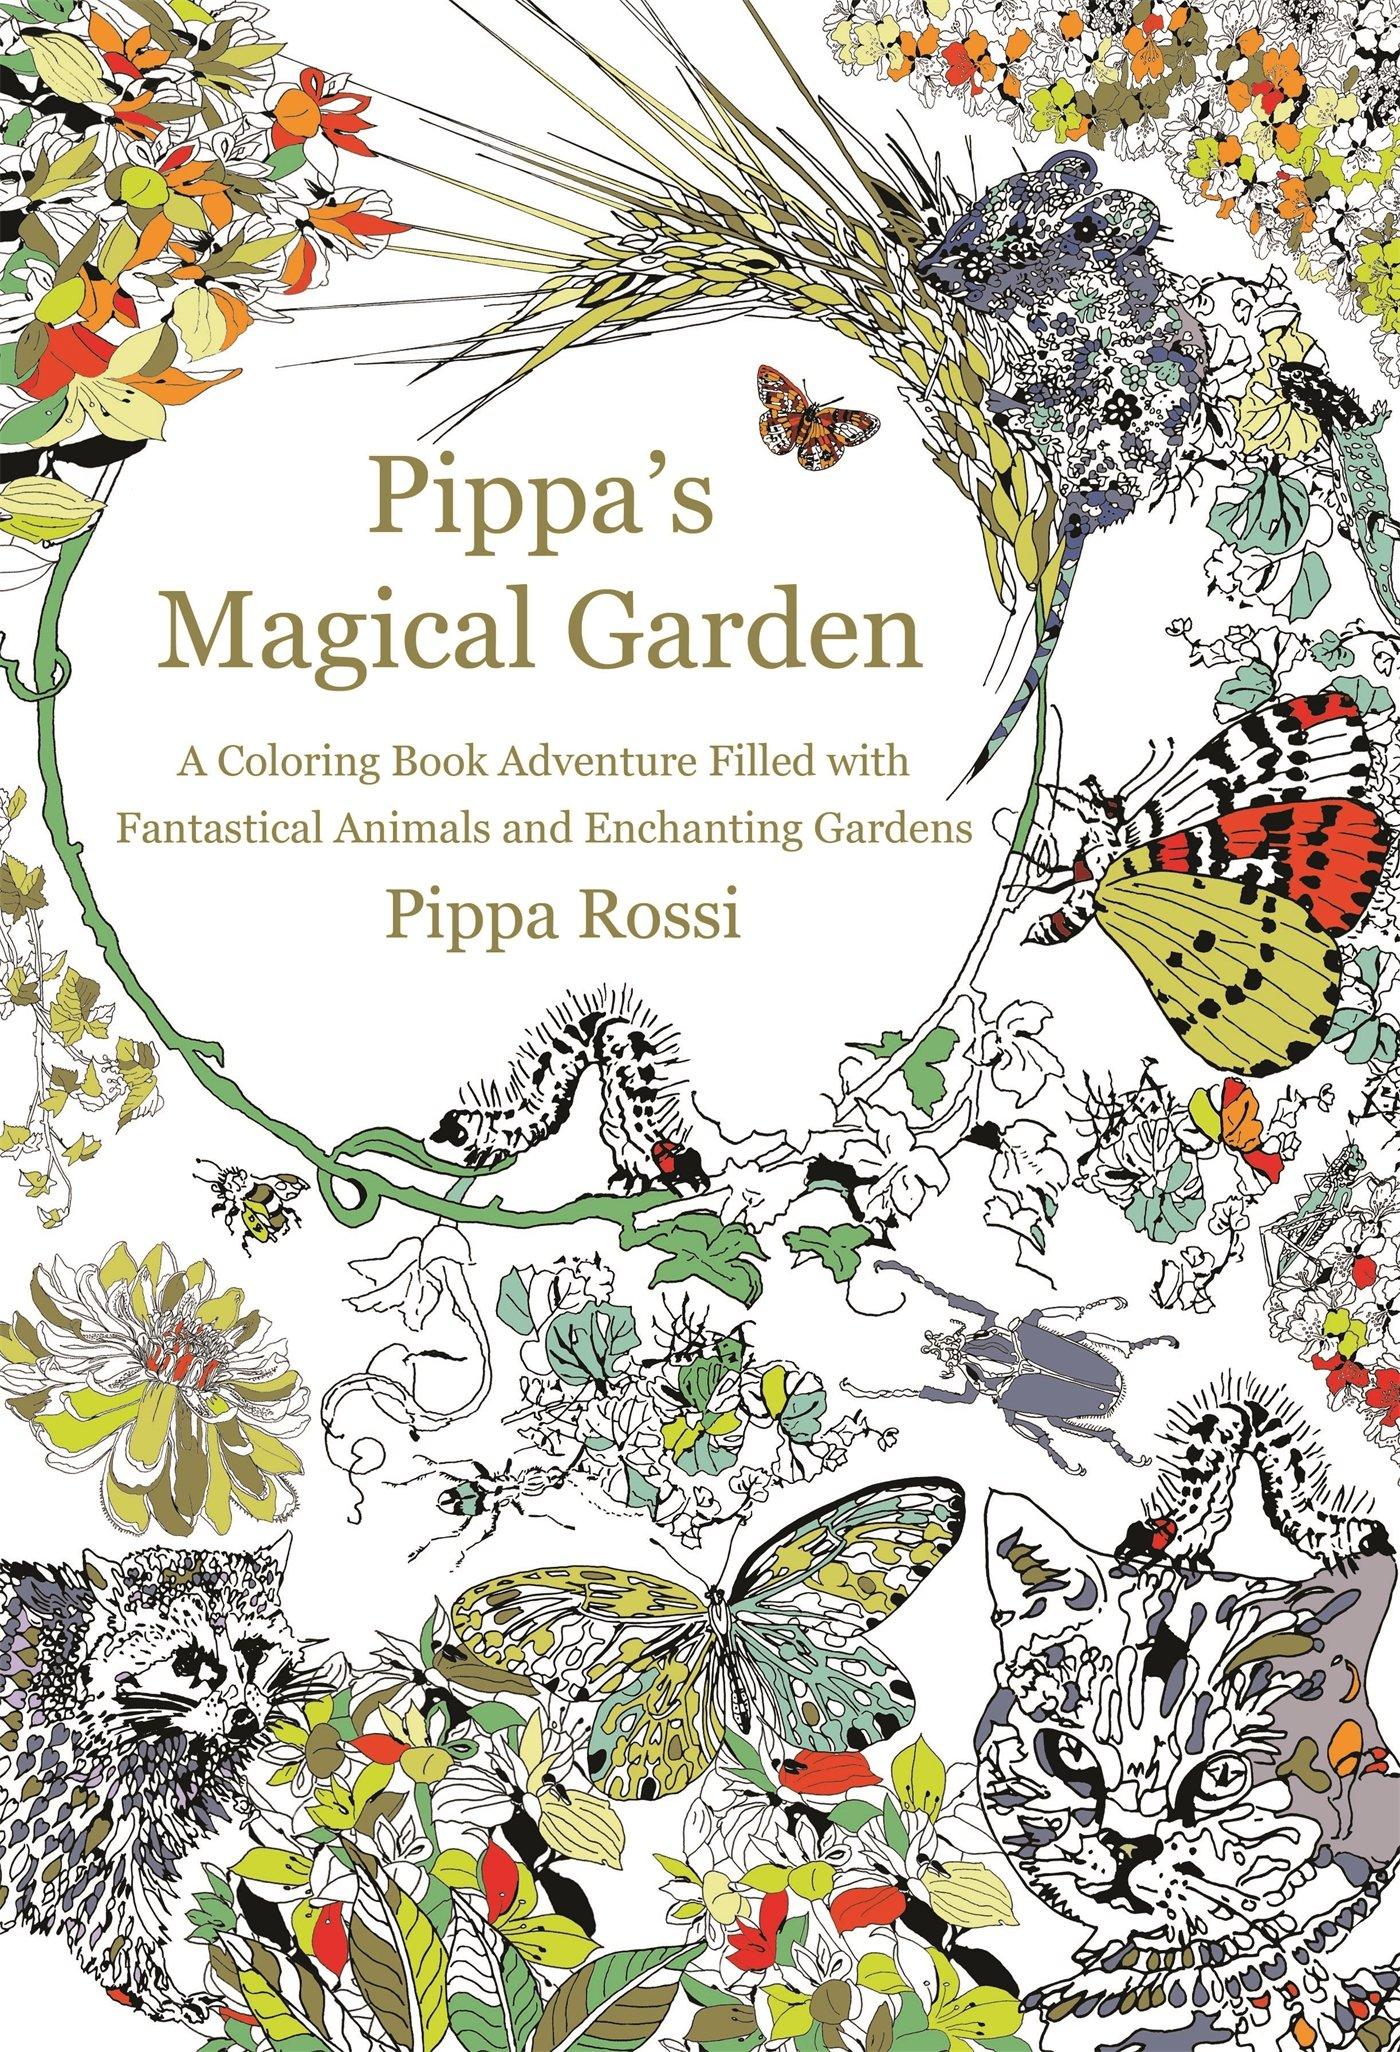 Amazon Com Pippa S Magical Garden A Coloring Book